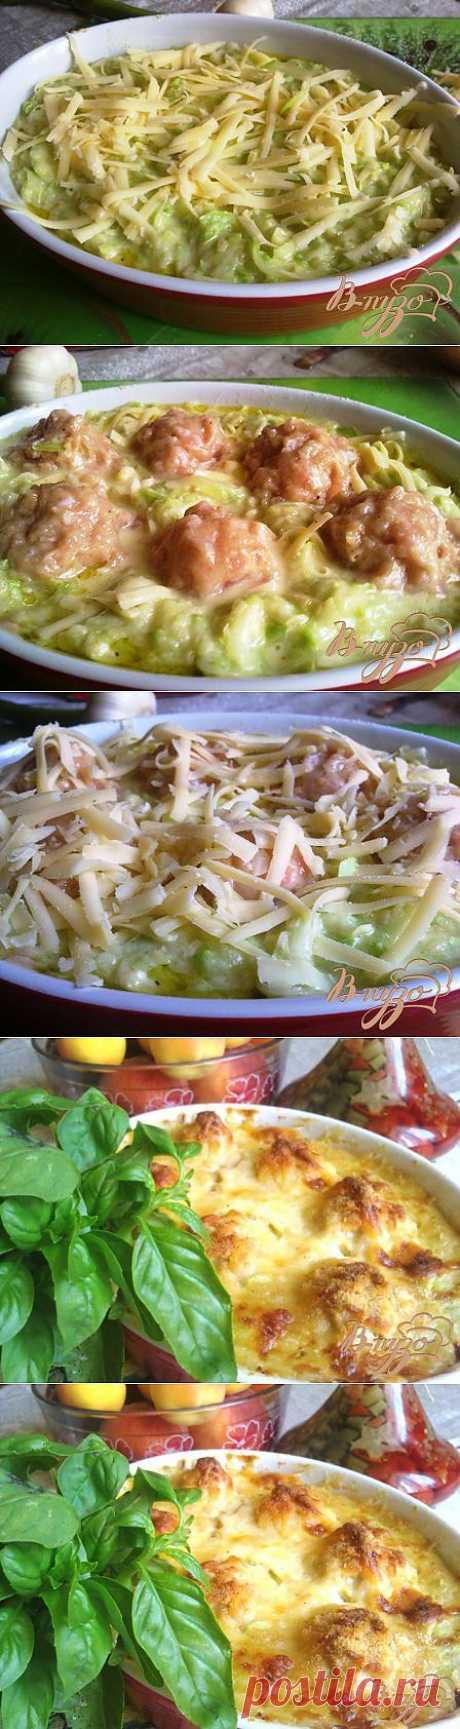 Суфле из кабачка с куриными фрикадельками - рецепт подкупит любого....